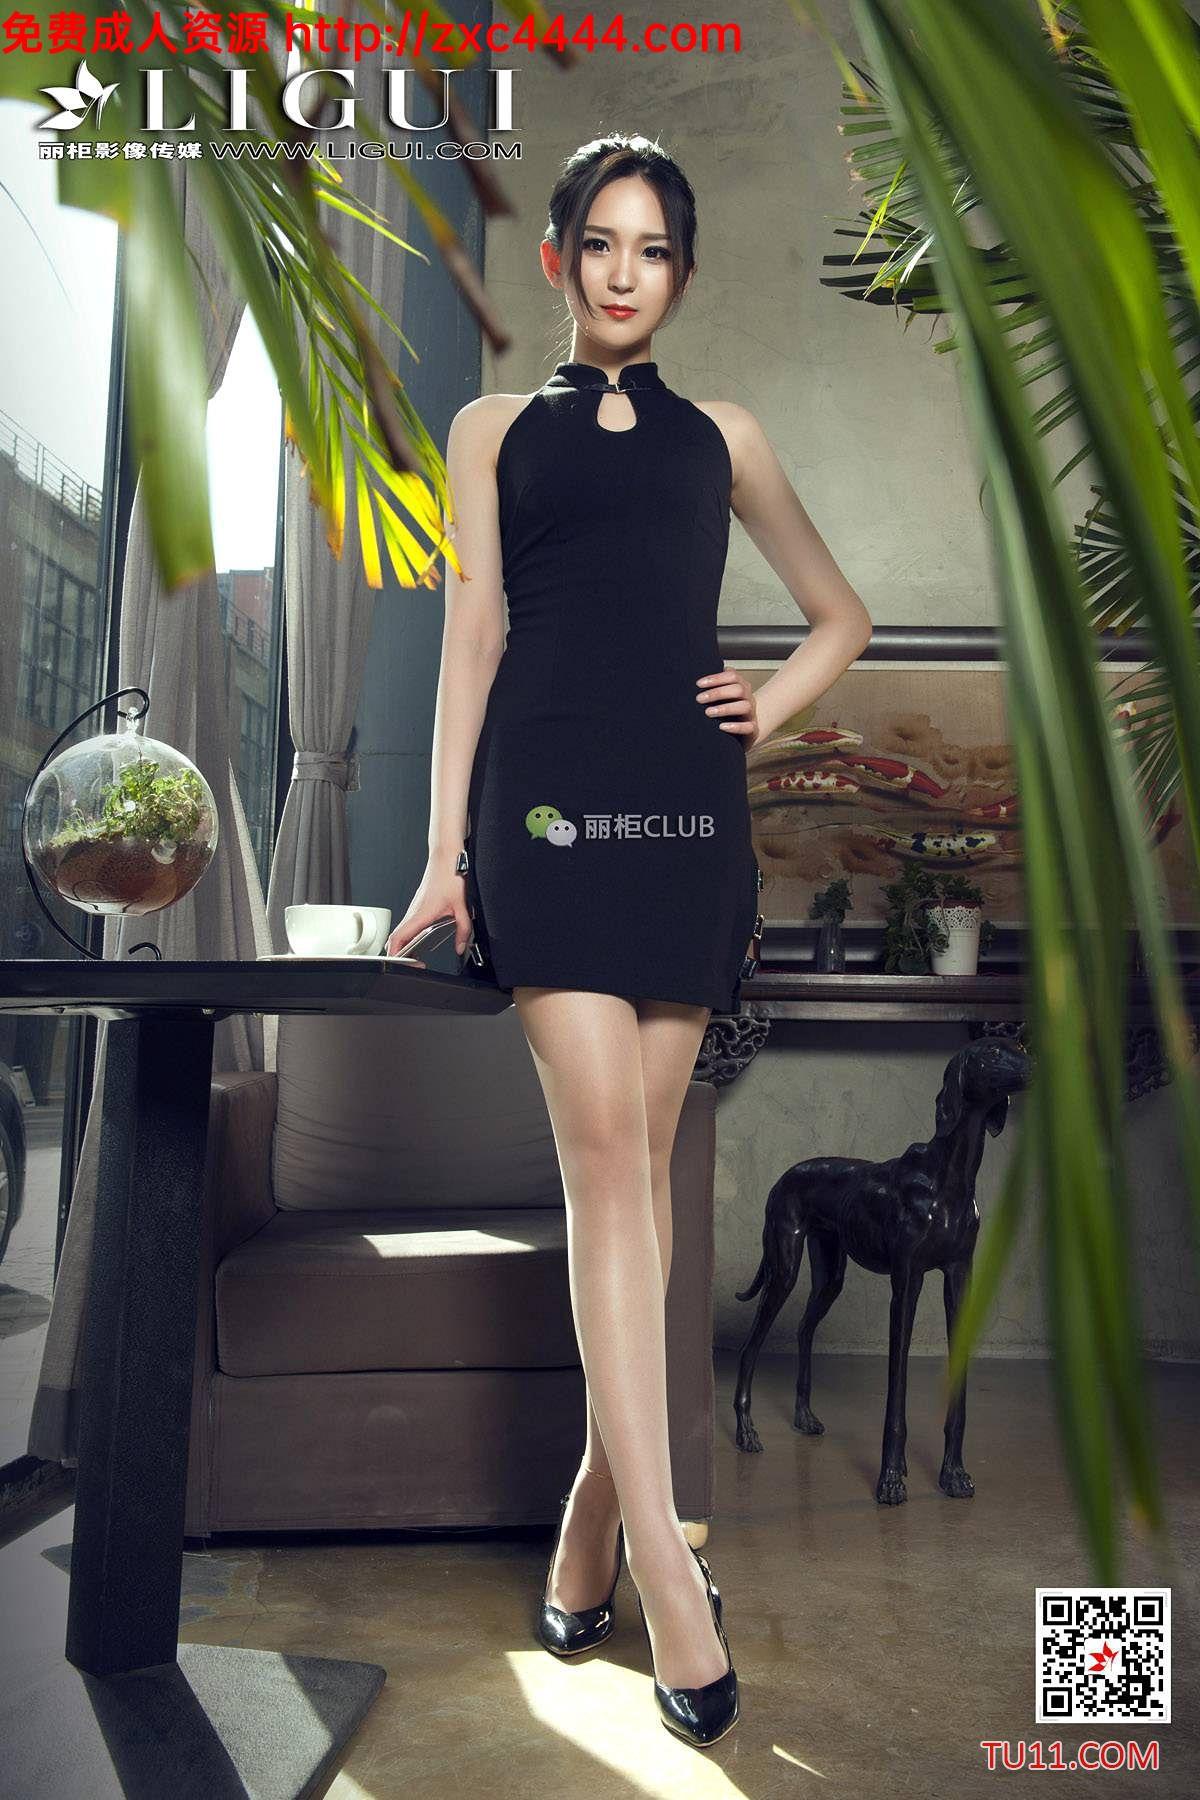 AV伦理色情_美女诱惑肉色美腿紧身衣写真【31P】_丝袜诱惑-一级片-亚洲最大 ...